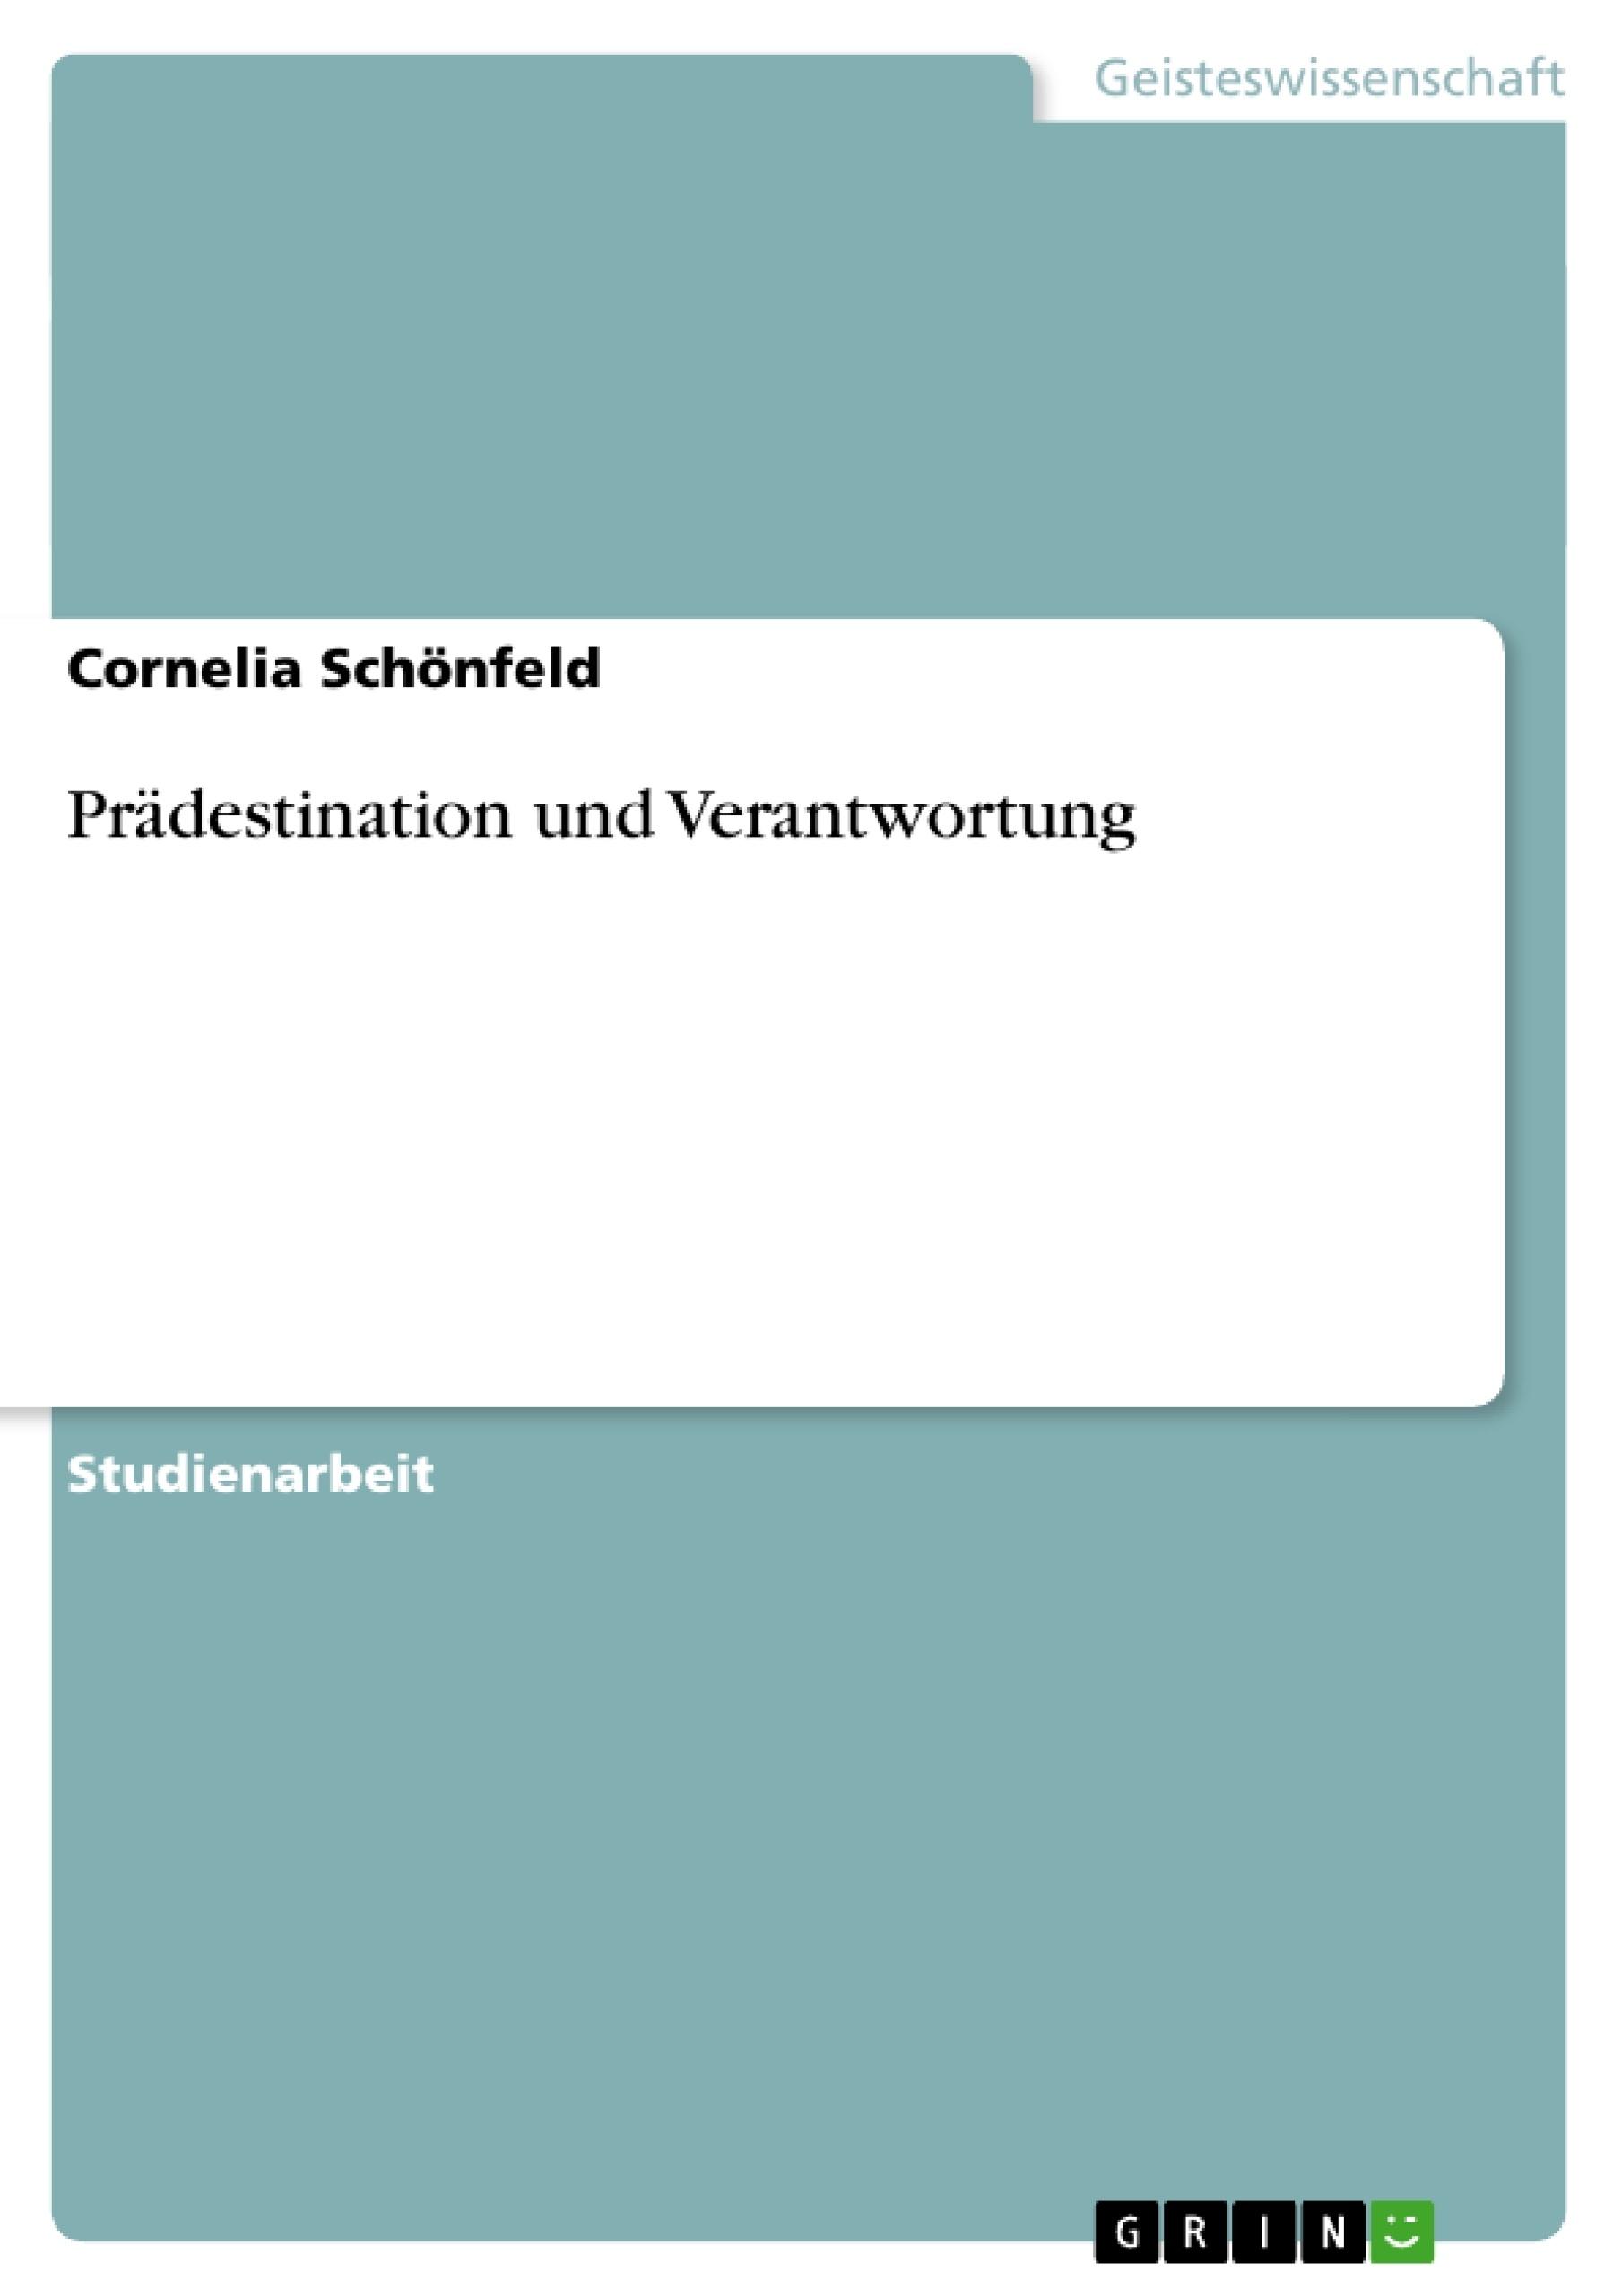 Titel: Prädestination und Verantwortung